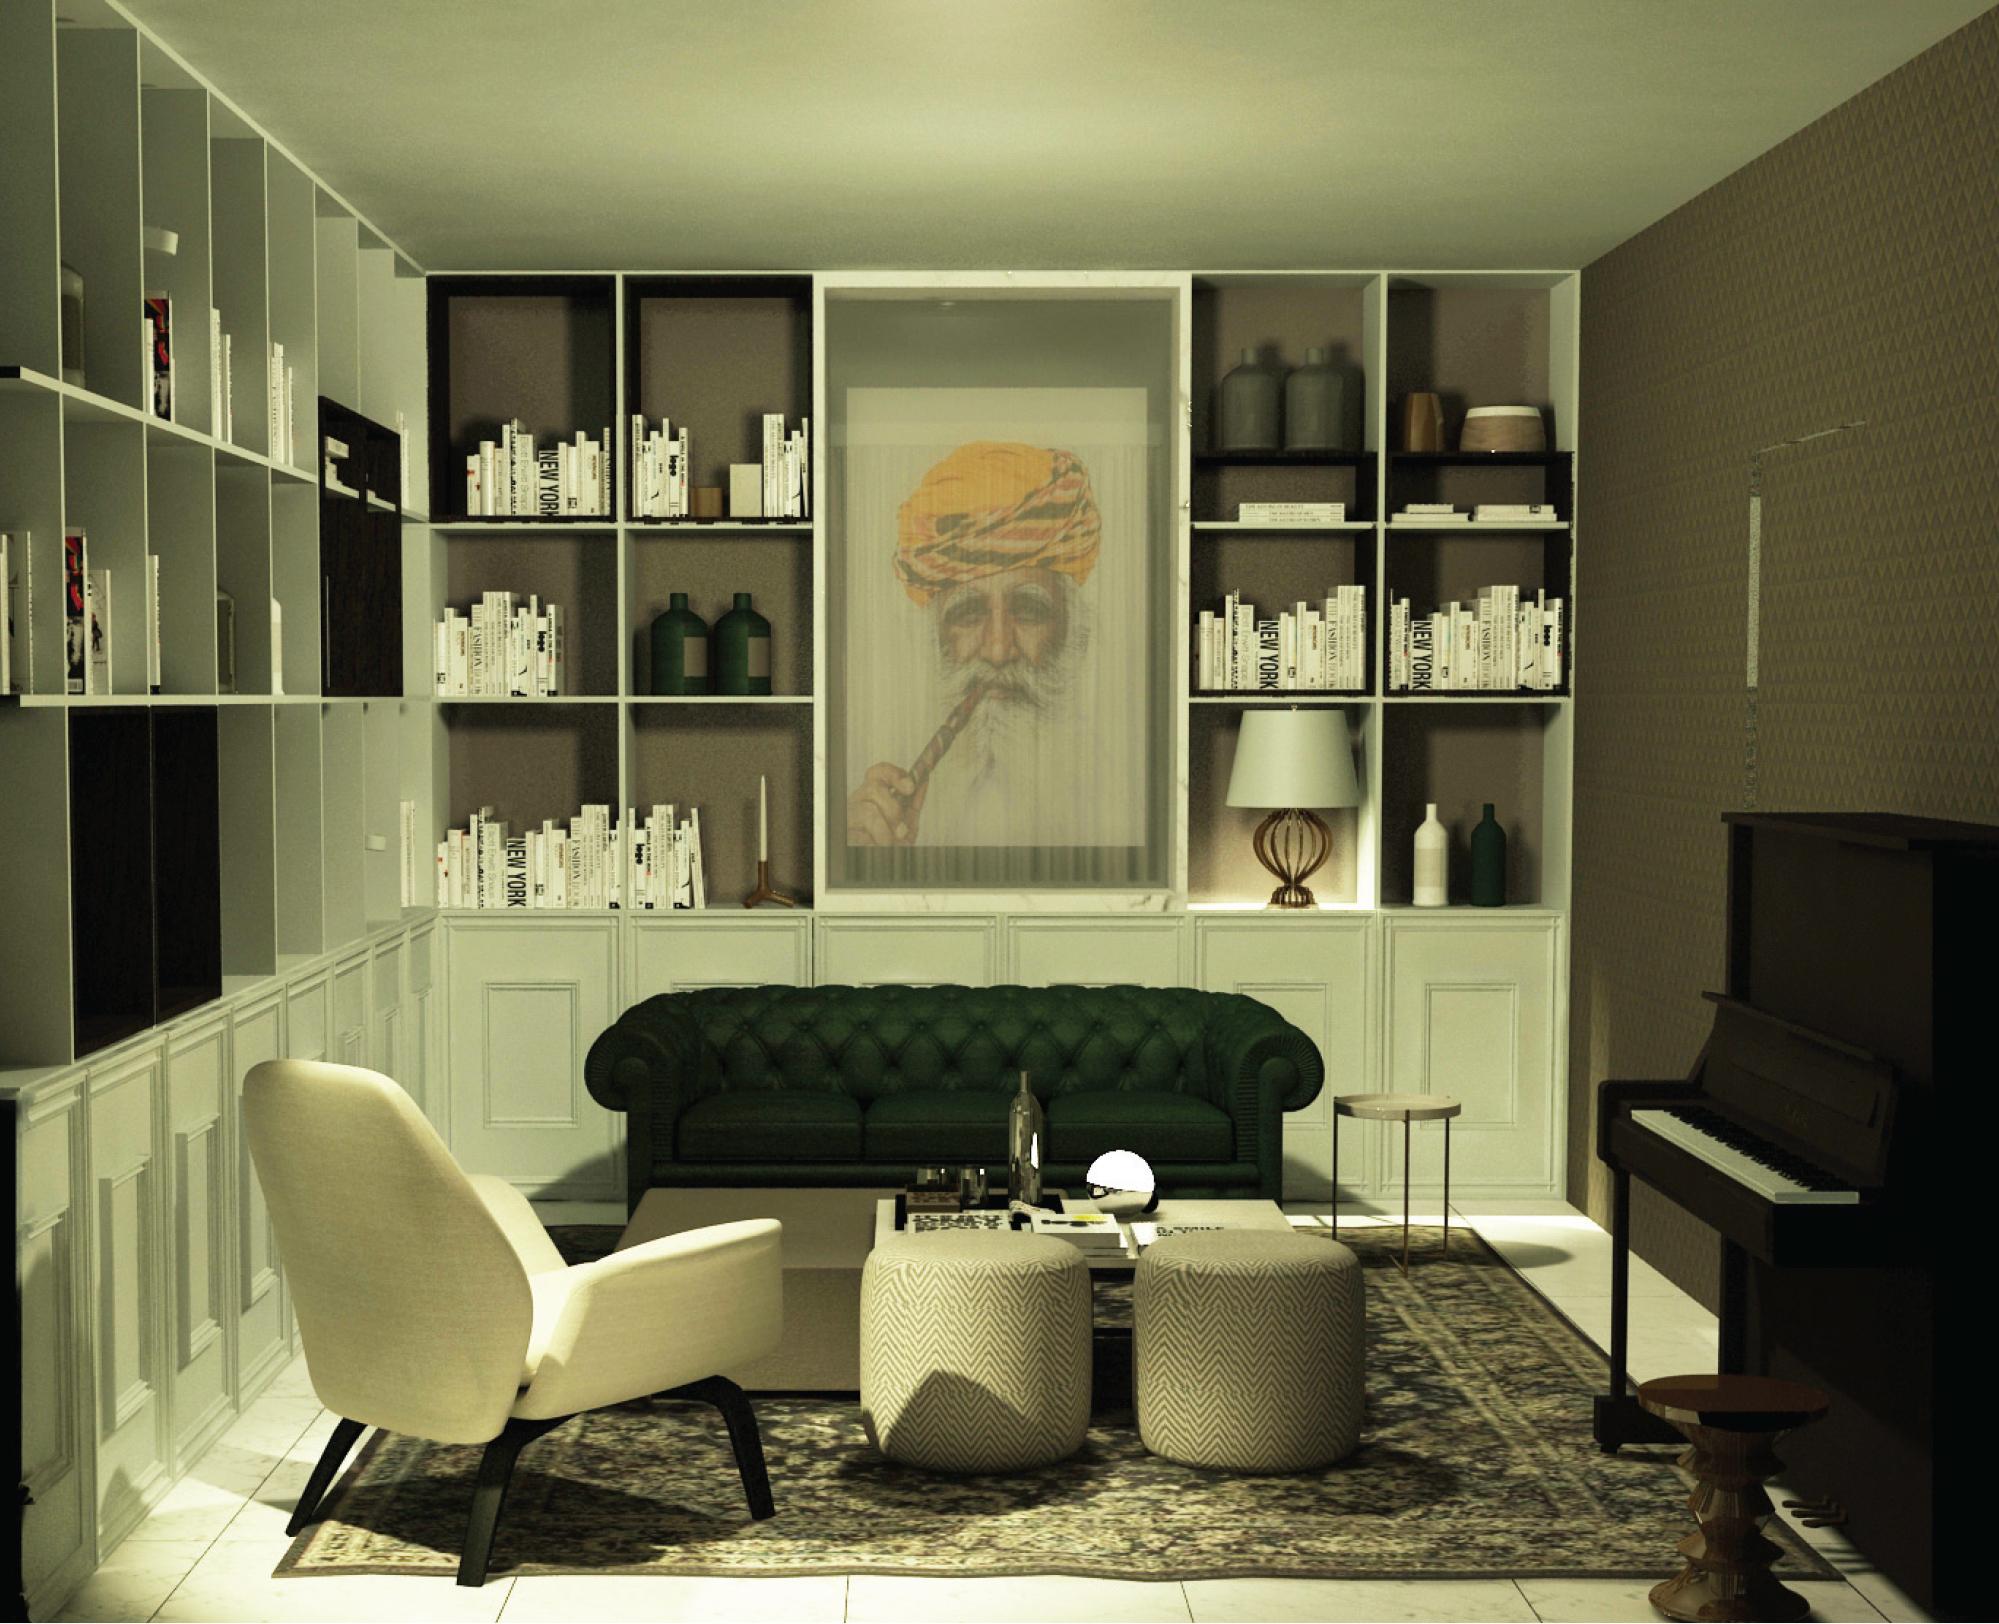 Lavoro interior designer milano milano with lavoro - Interior designer milano ...